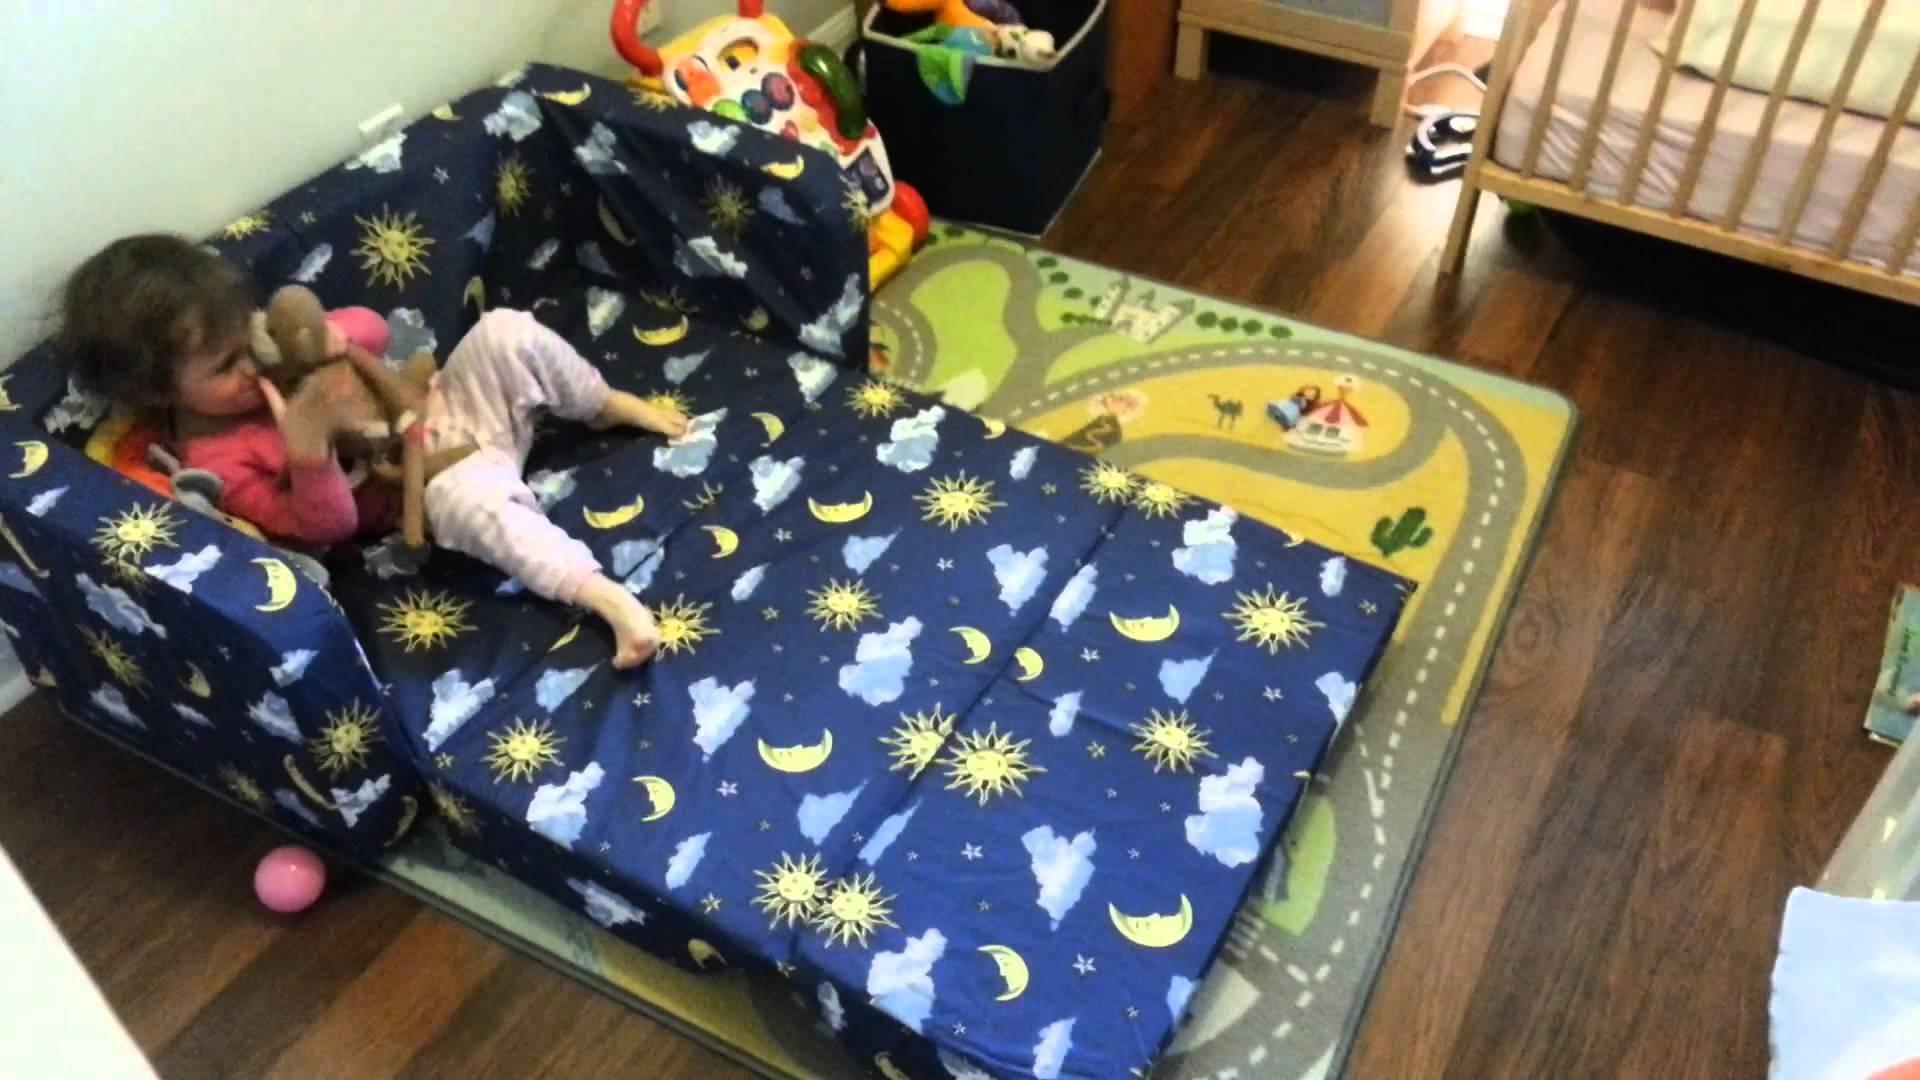 Eloise New Toddler Flip Sofa Pt2 - Youtube regarding Flip Open Sofas for Toddlers (Image 3 of 15)